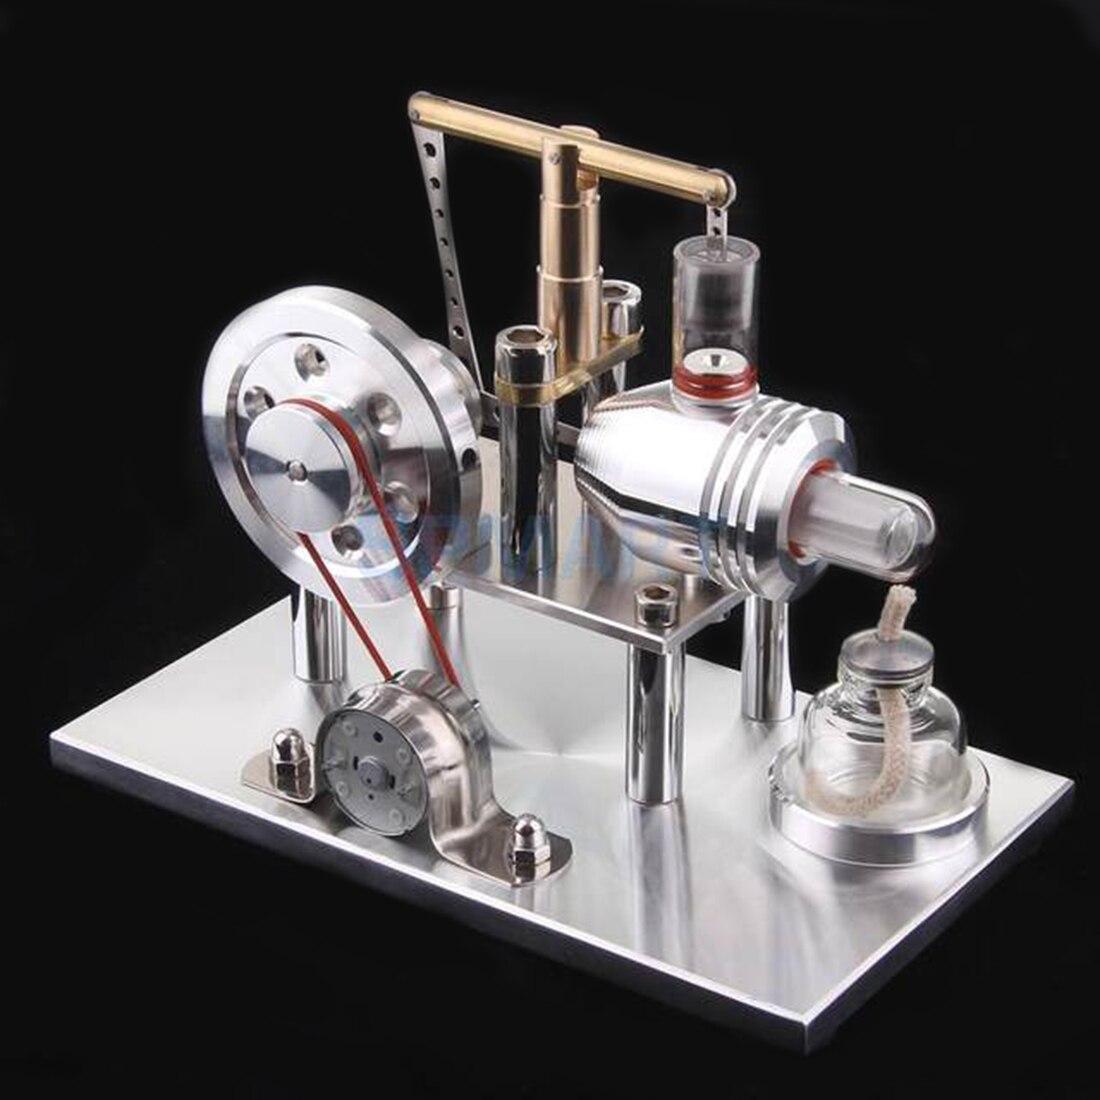 Surwish Équilibre Stirling Générateur Moteur Cylindre Générateur Éducation Modèle DIY Vapeur TIGE Jouet